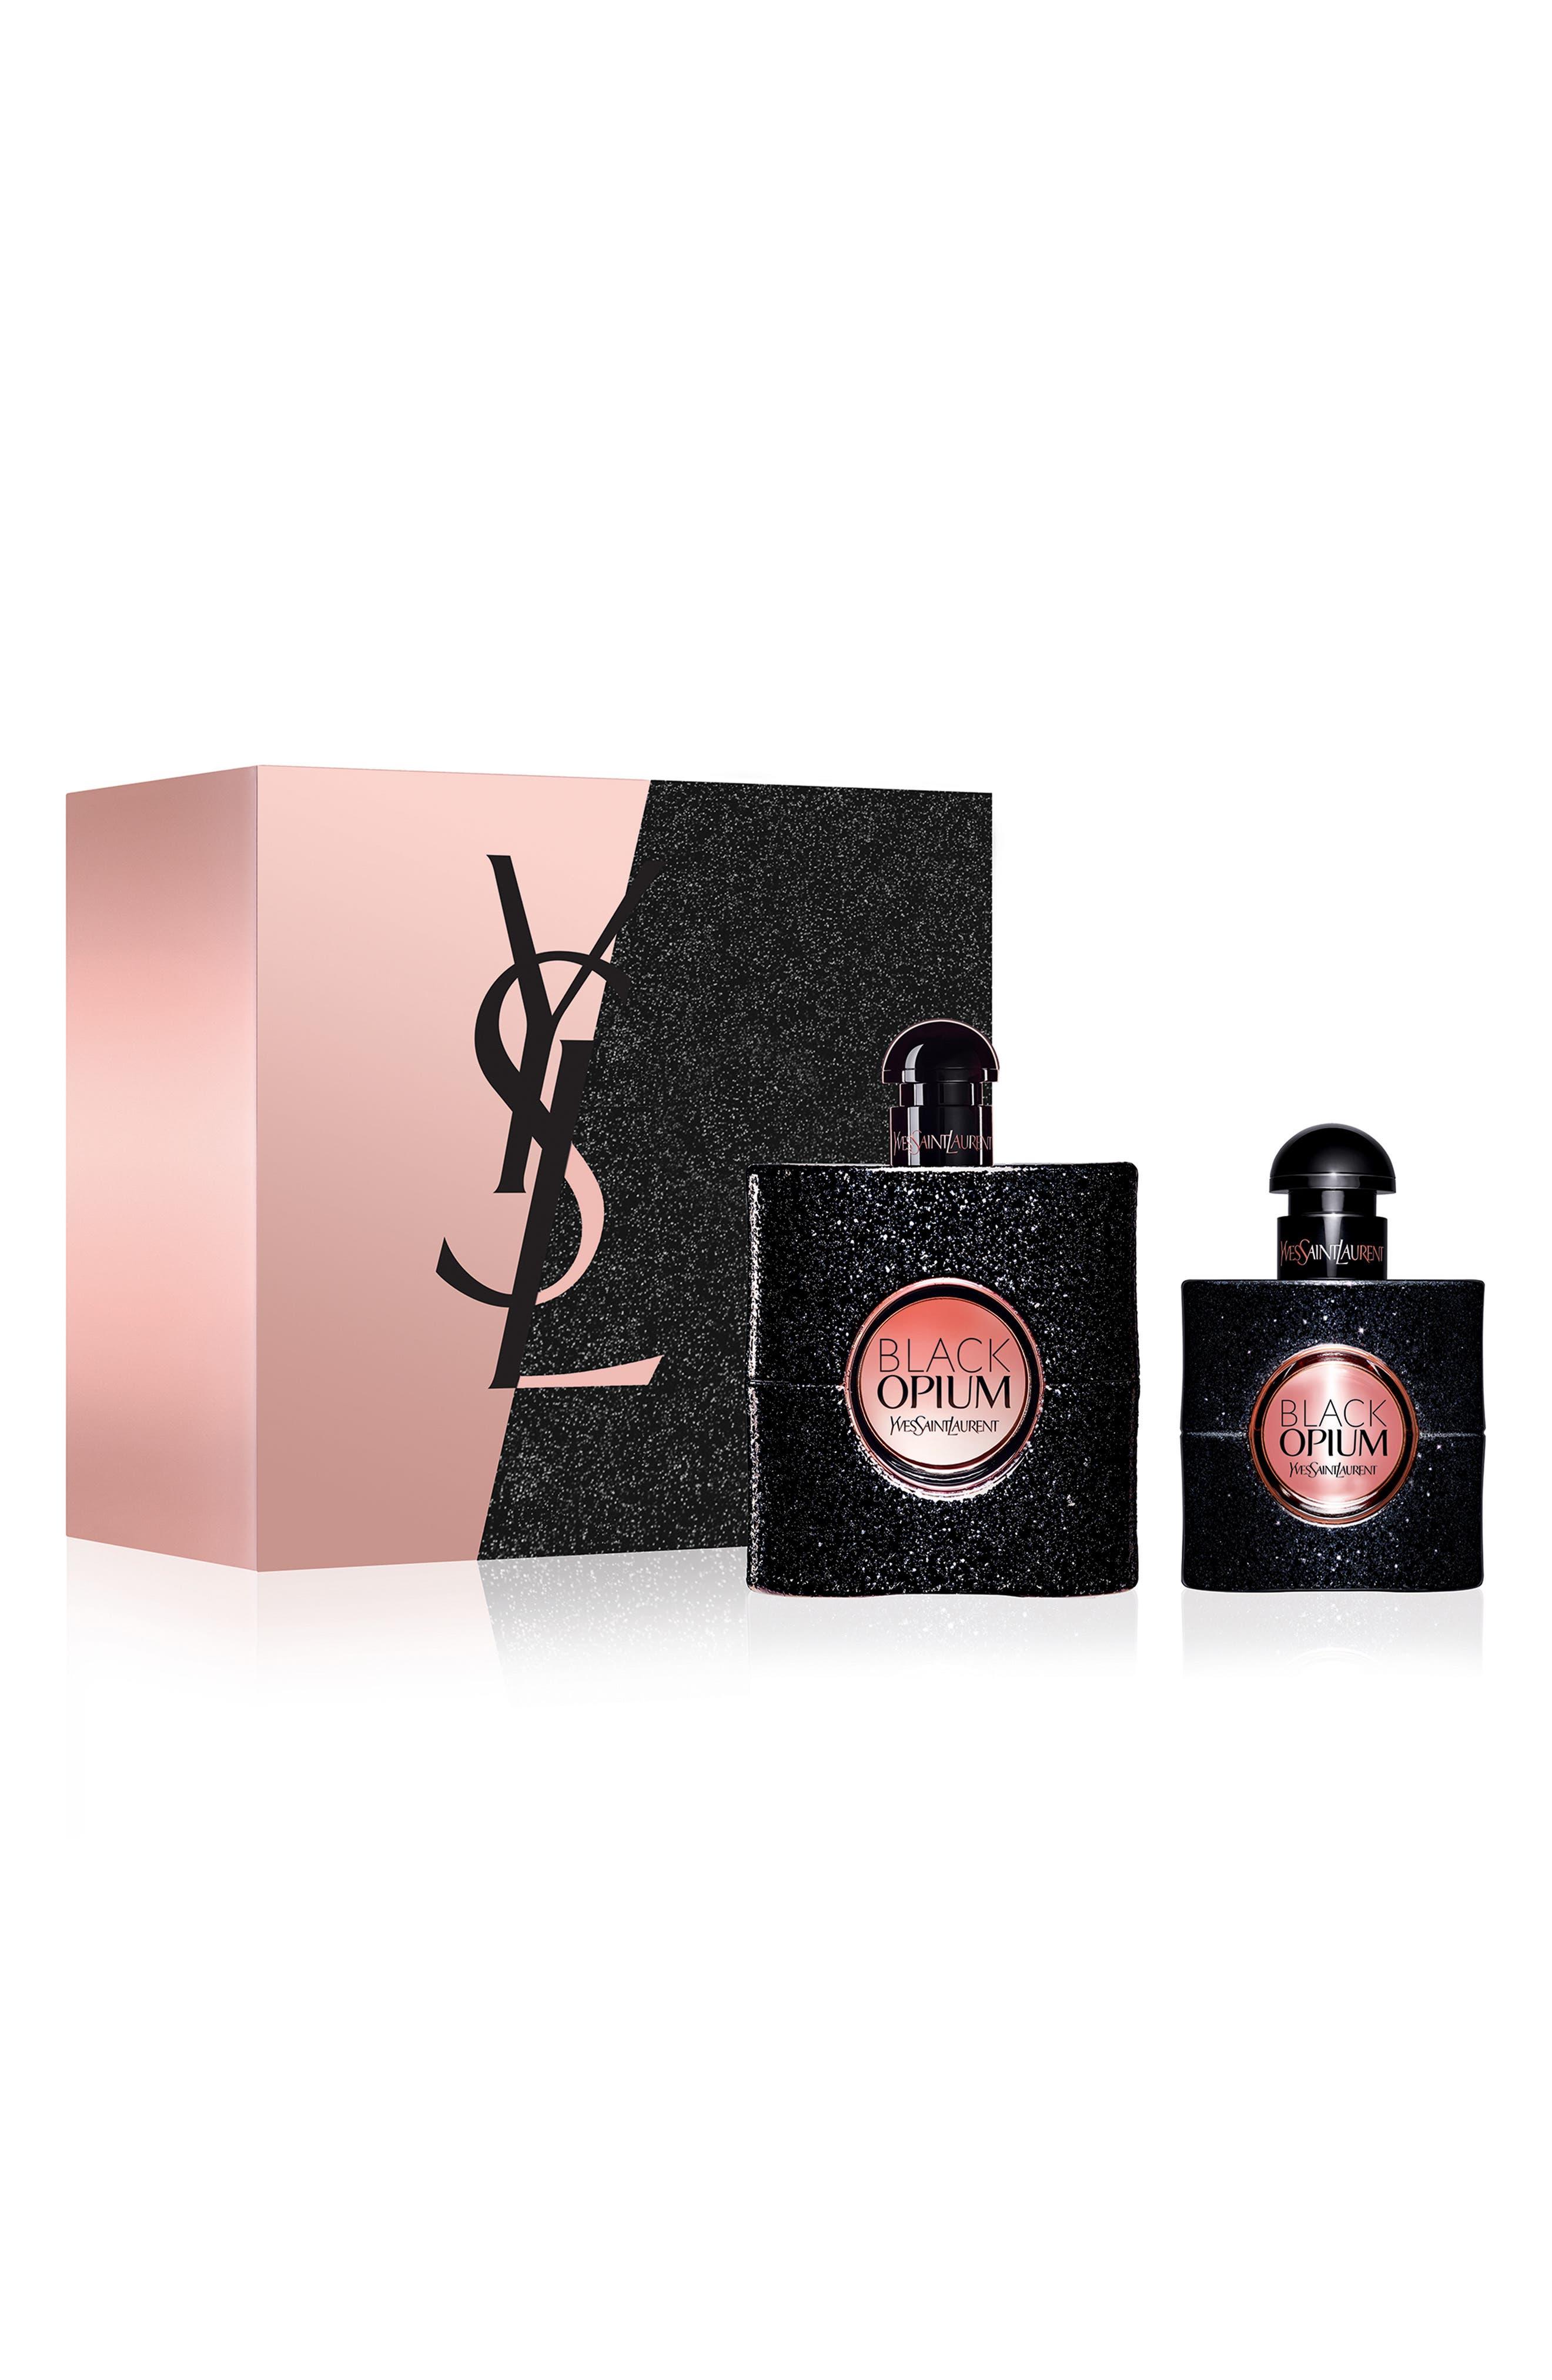 Black Opium Eau de Parfum Set,                             Main thumbnail 1, color,                             No Color